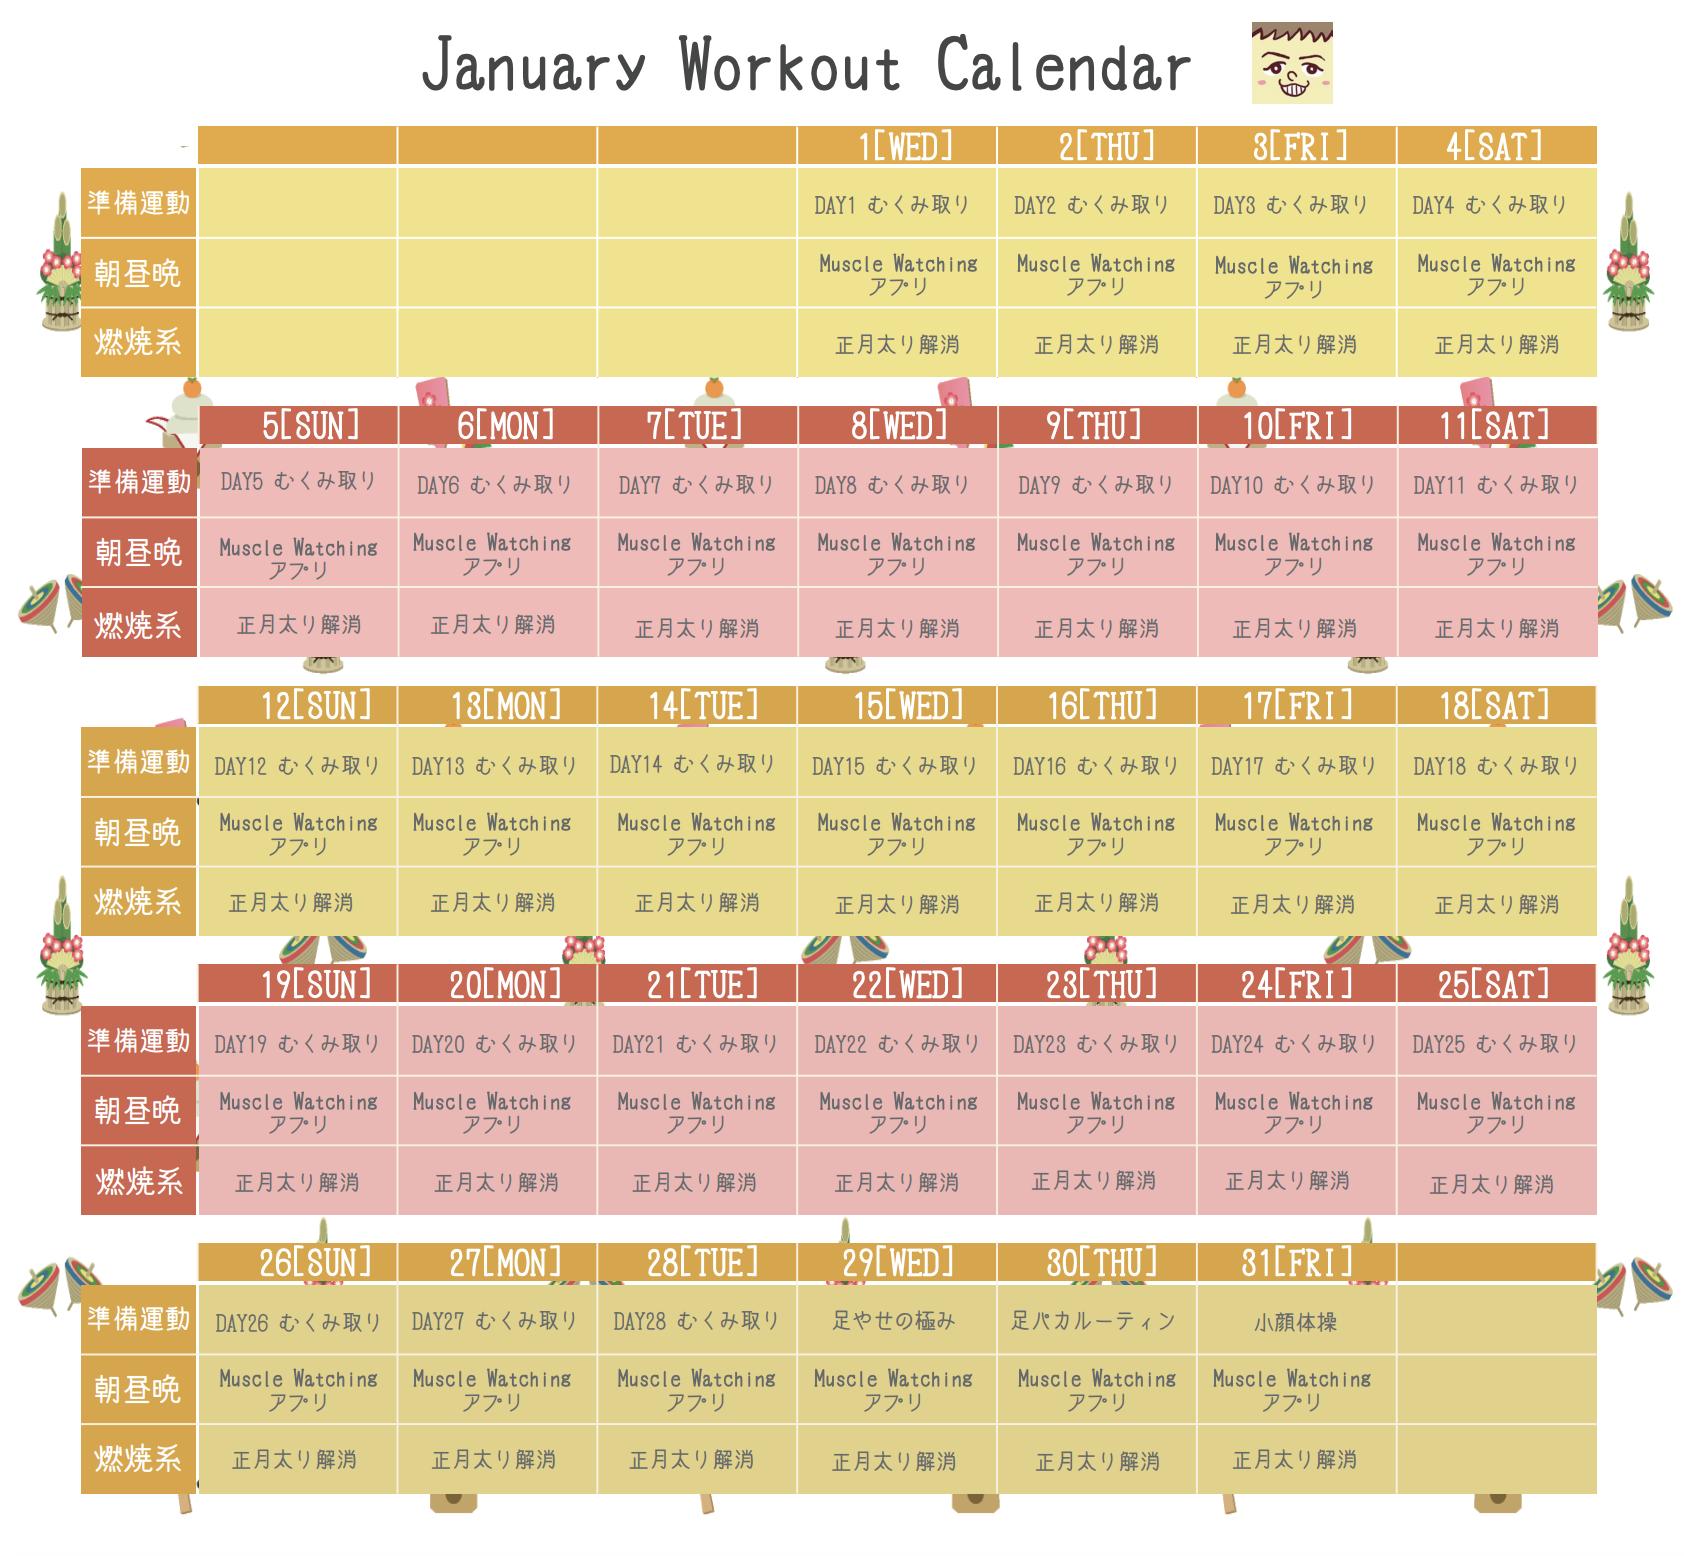 1月ワークアウトカレンダー| Muscle Watching